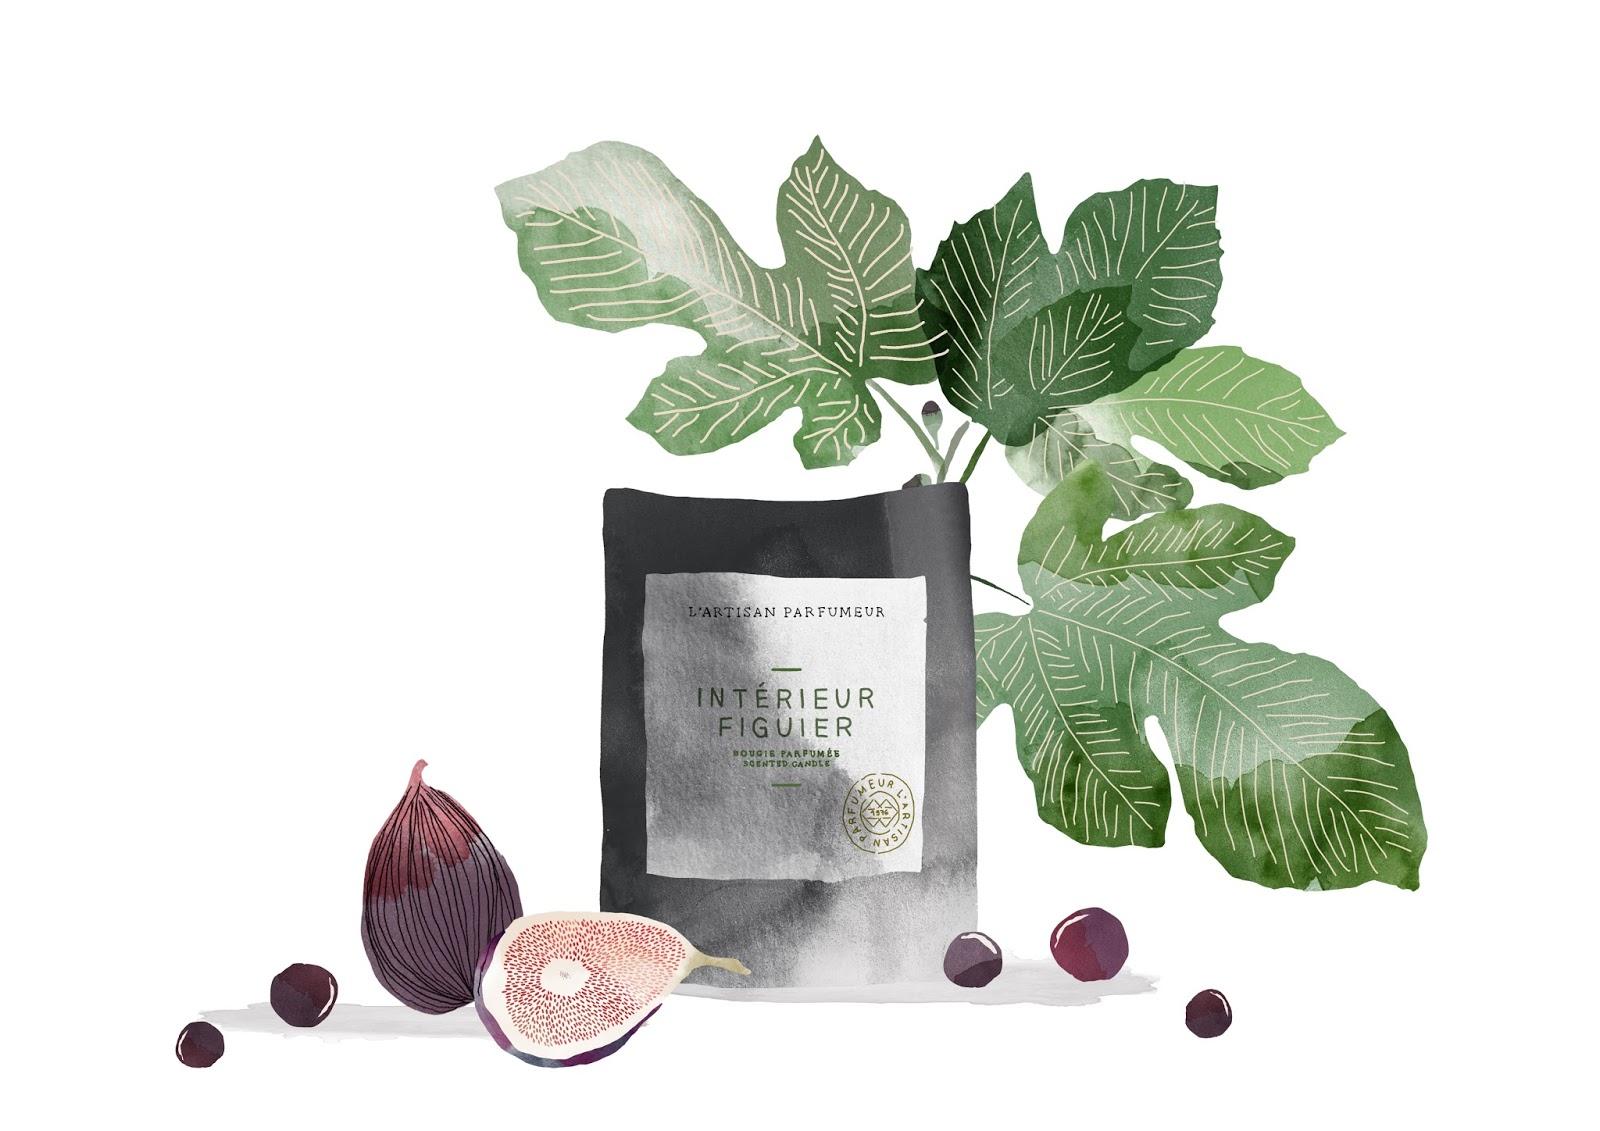 Catherinecordasco l 39 artisan parfumeur pour la maison for Pour la maison